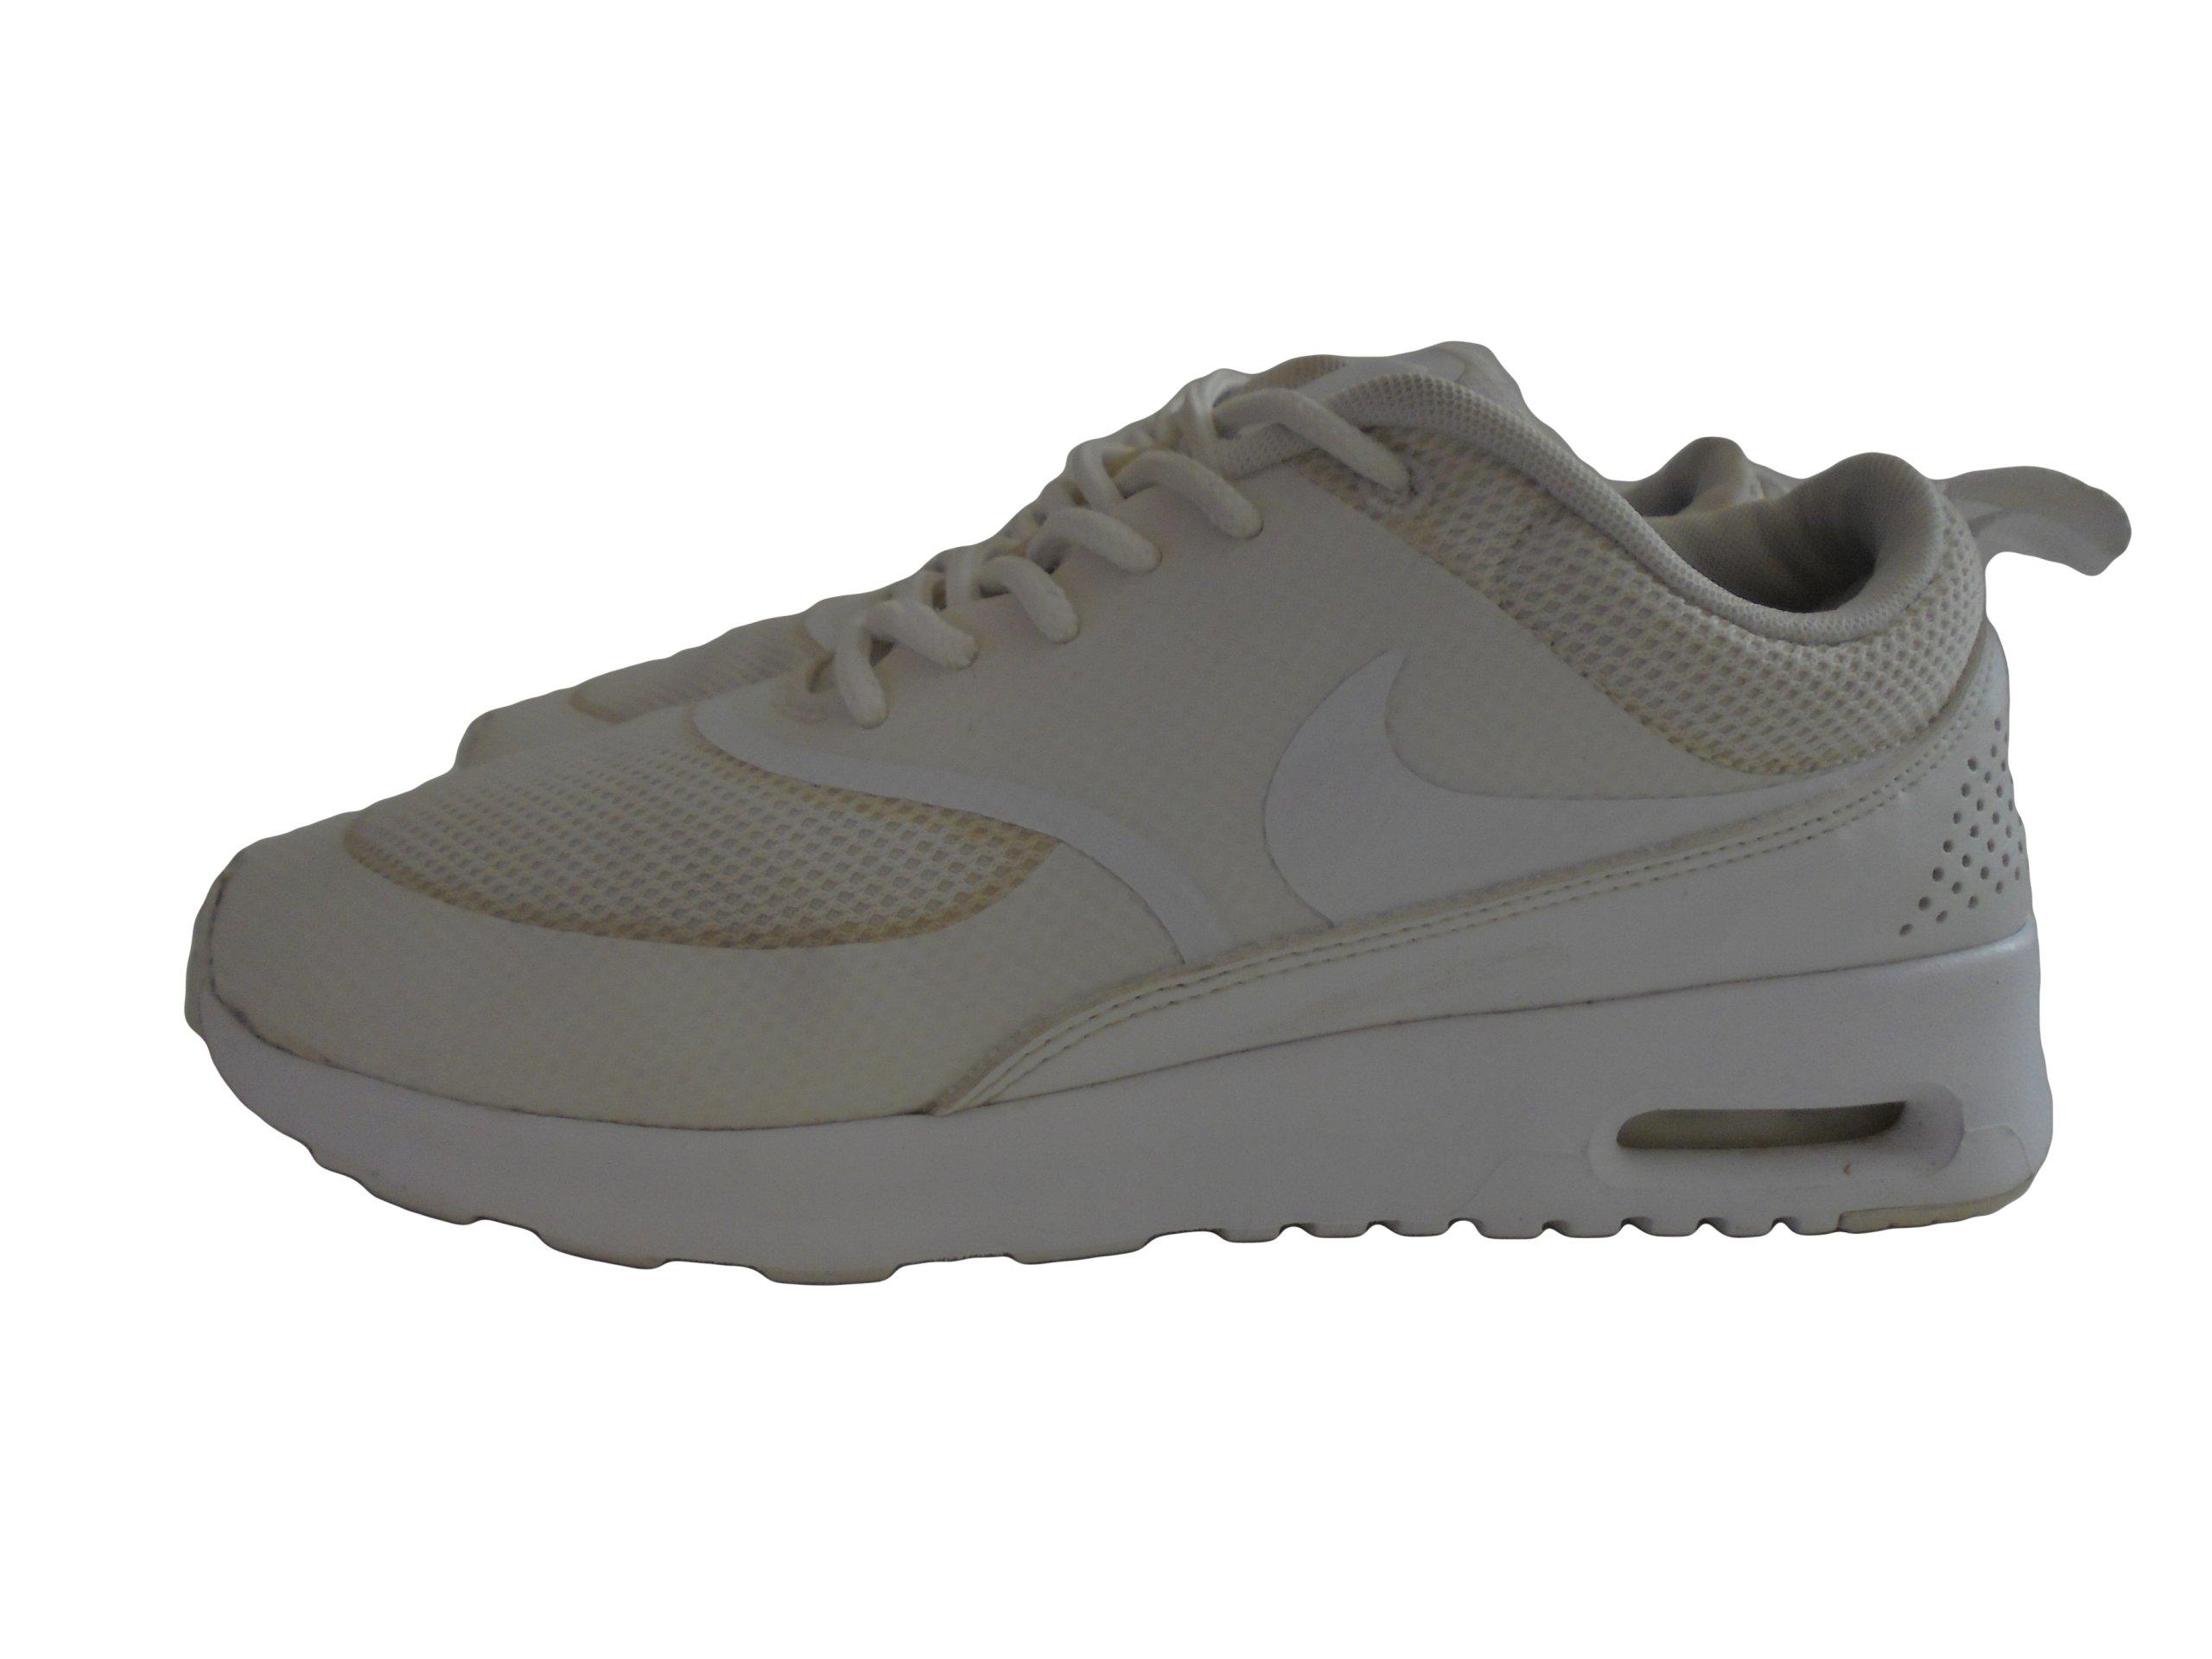 Buty sportowe, Nike, Buty damskie, Air Max Thea Print, rozmiar 37 12